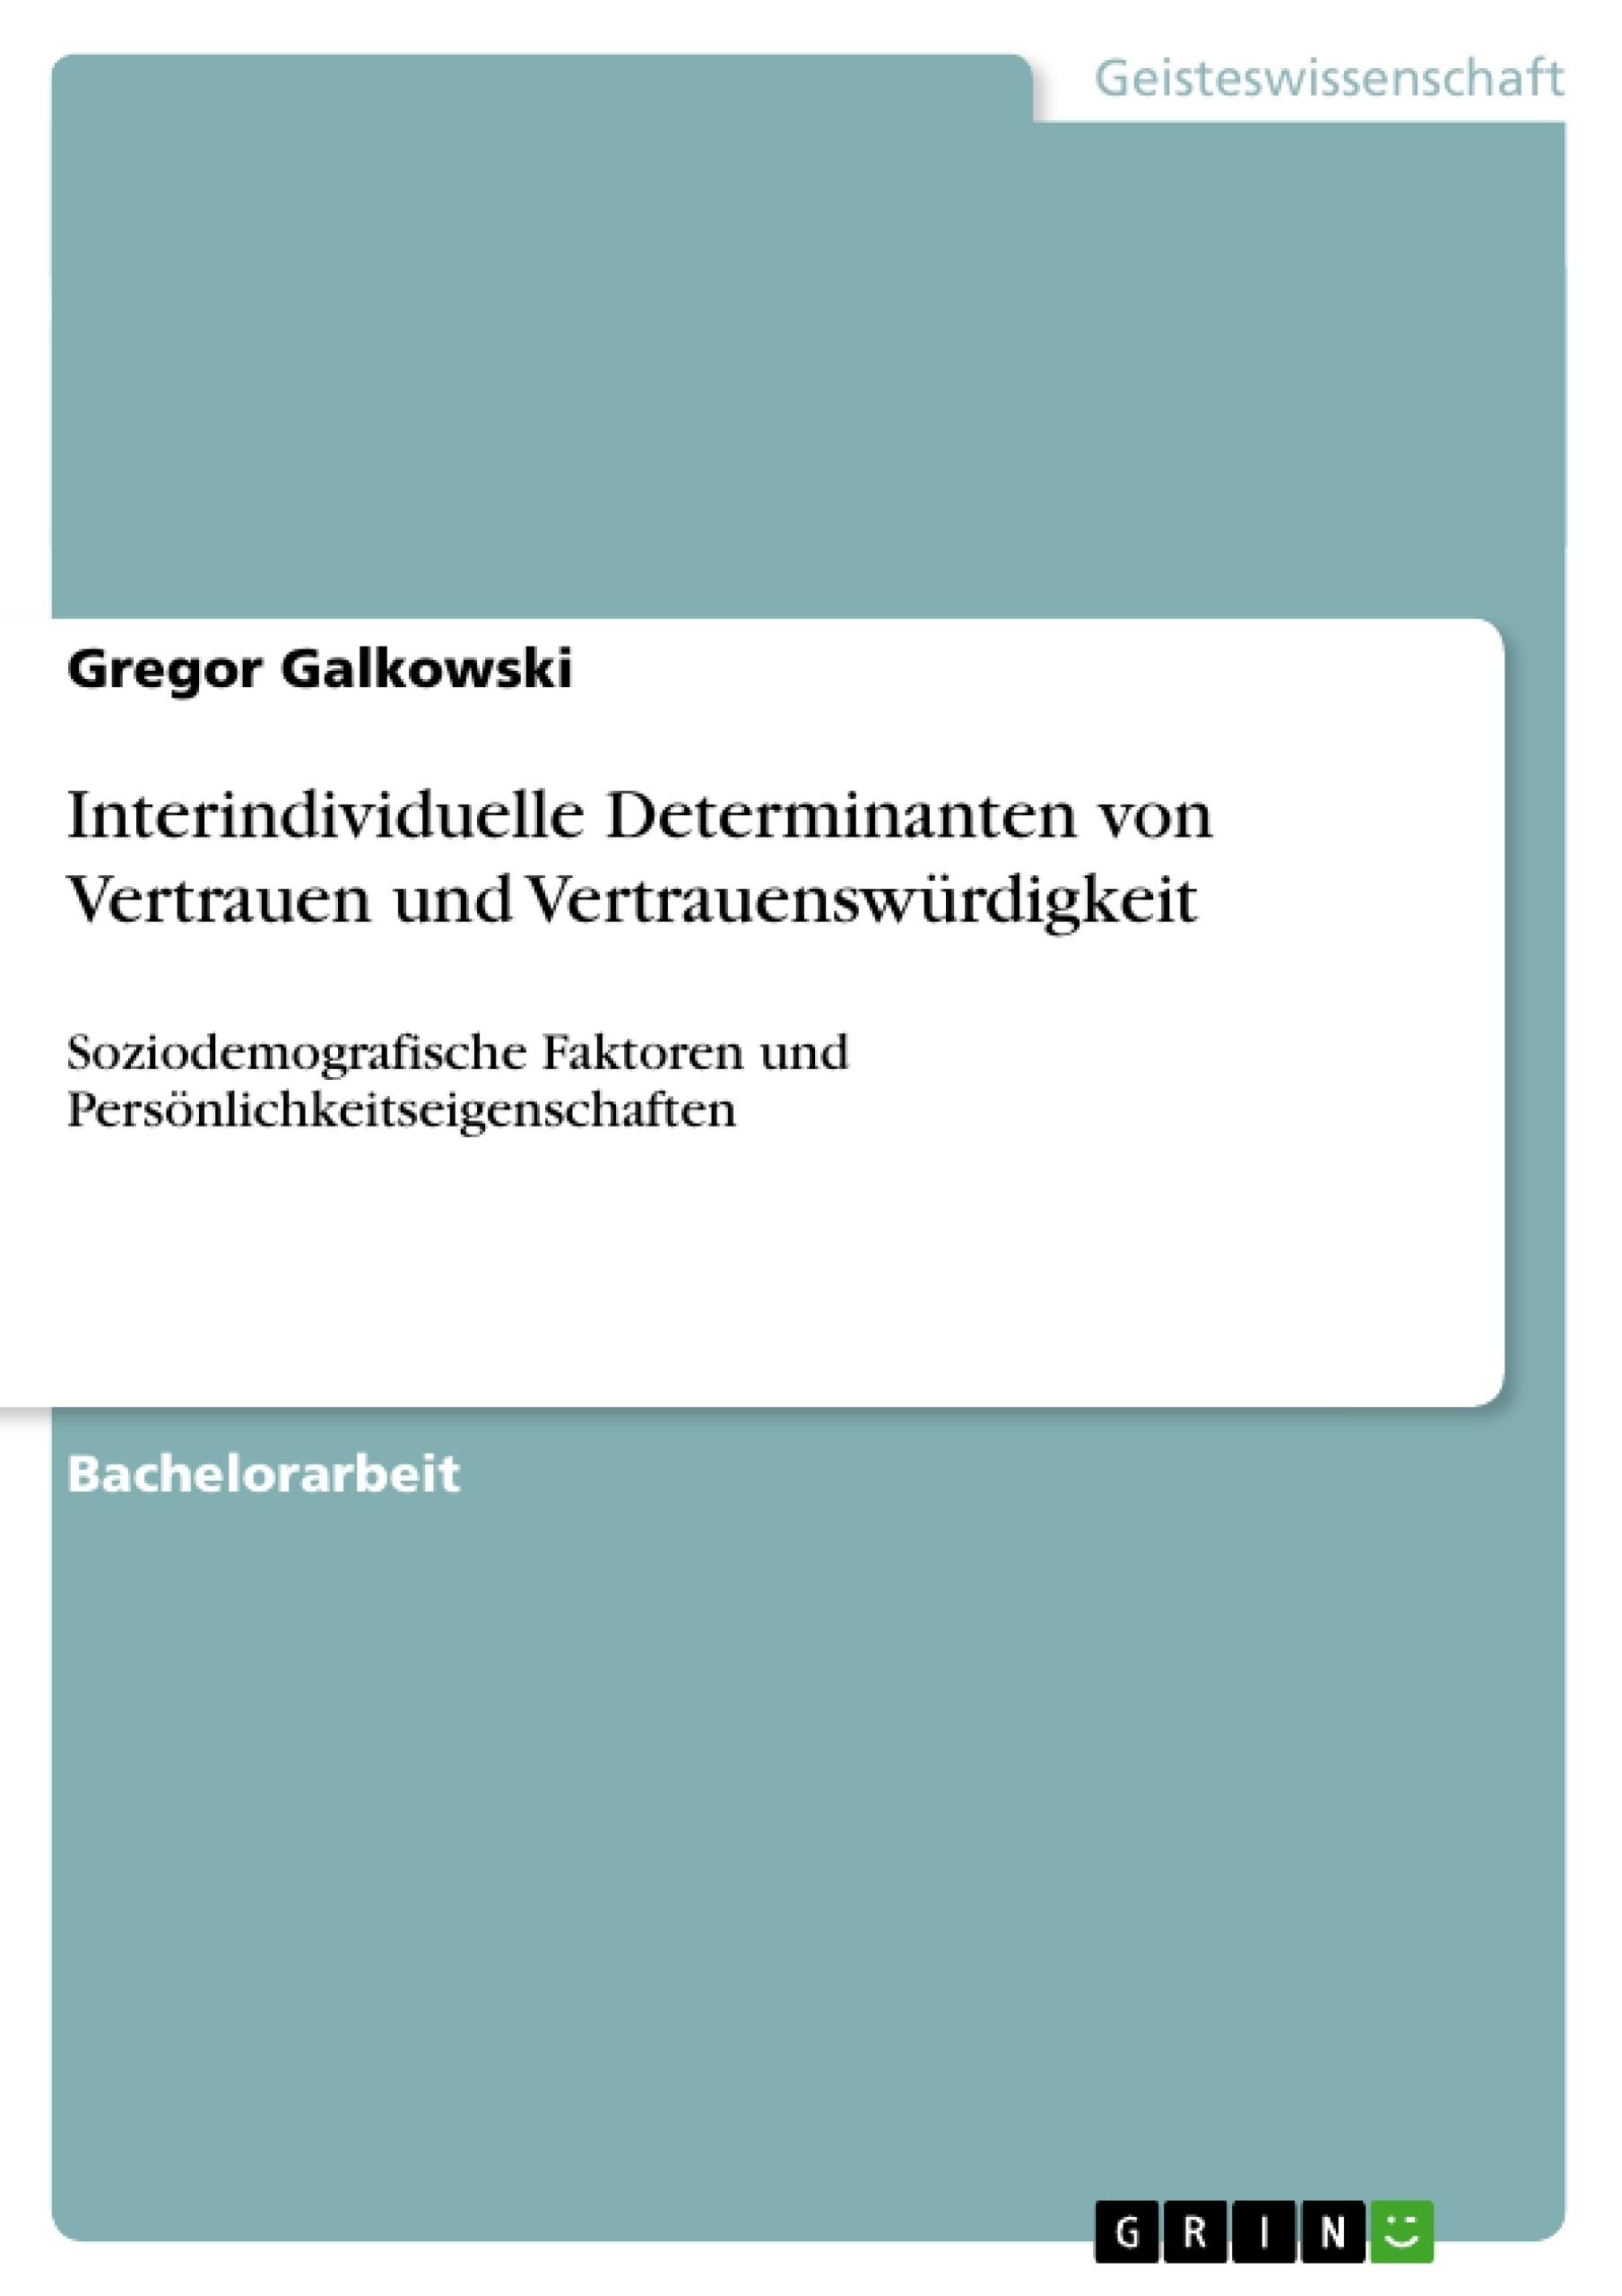 Titel: Interindividuelle Determinanten von Vertrauen und Vertrauenswürdigkeit